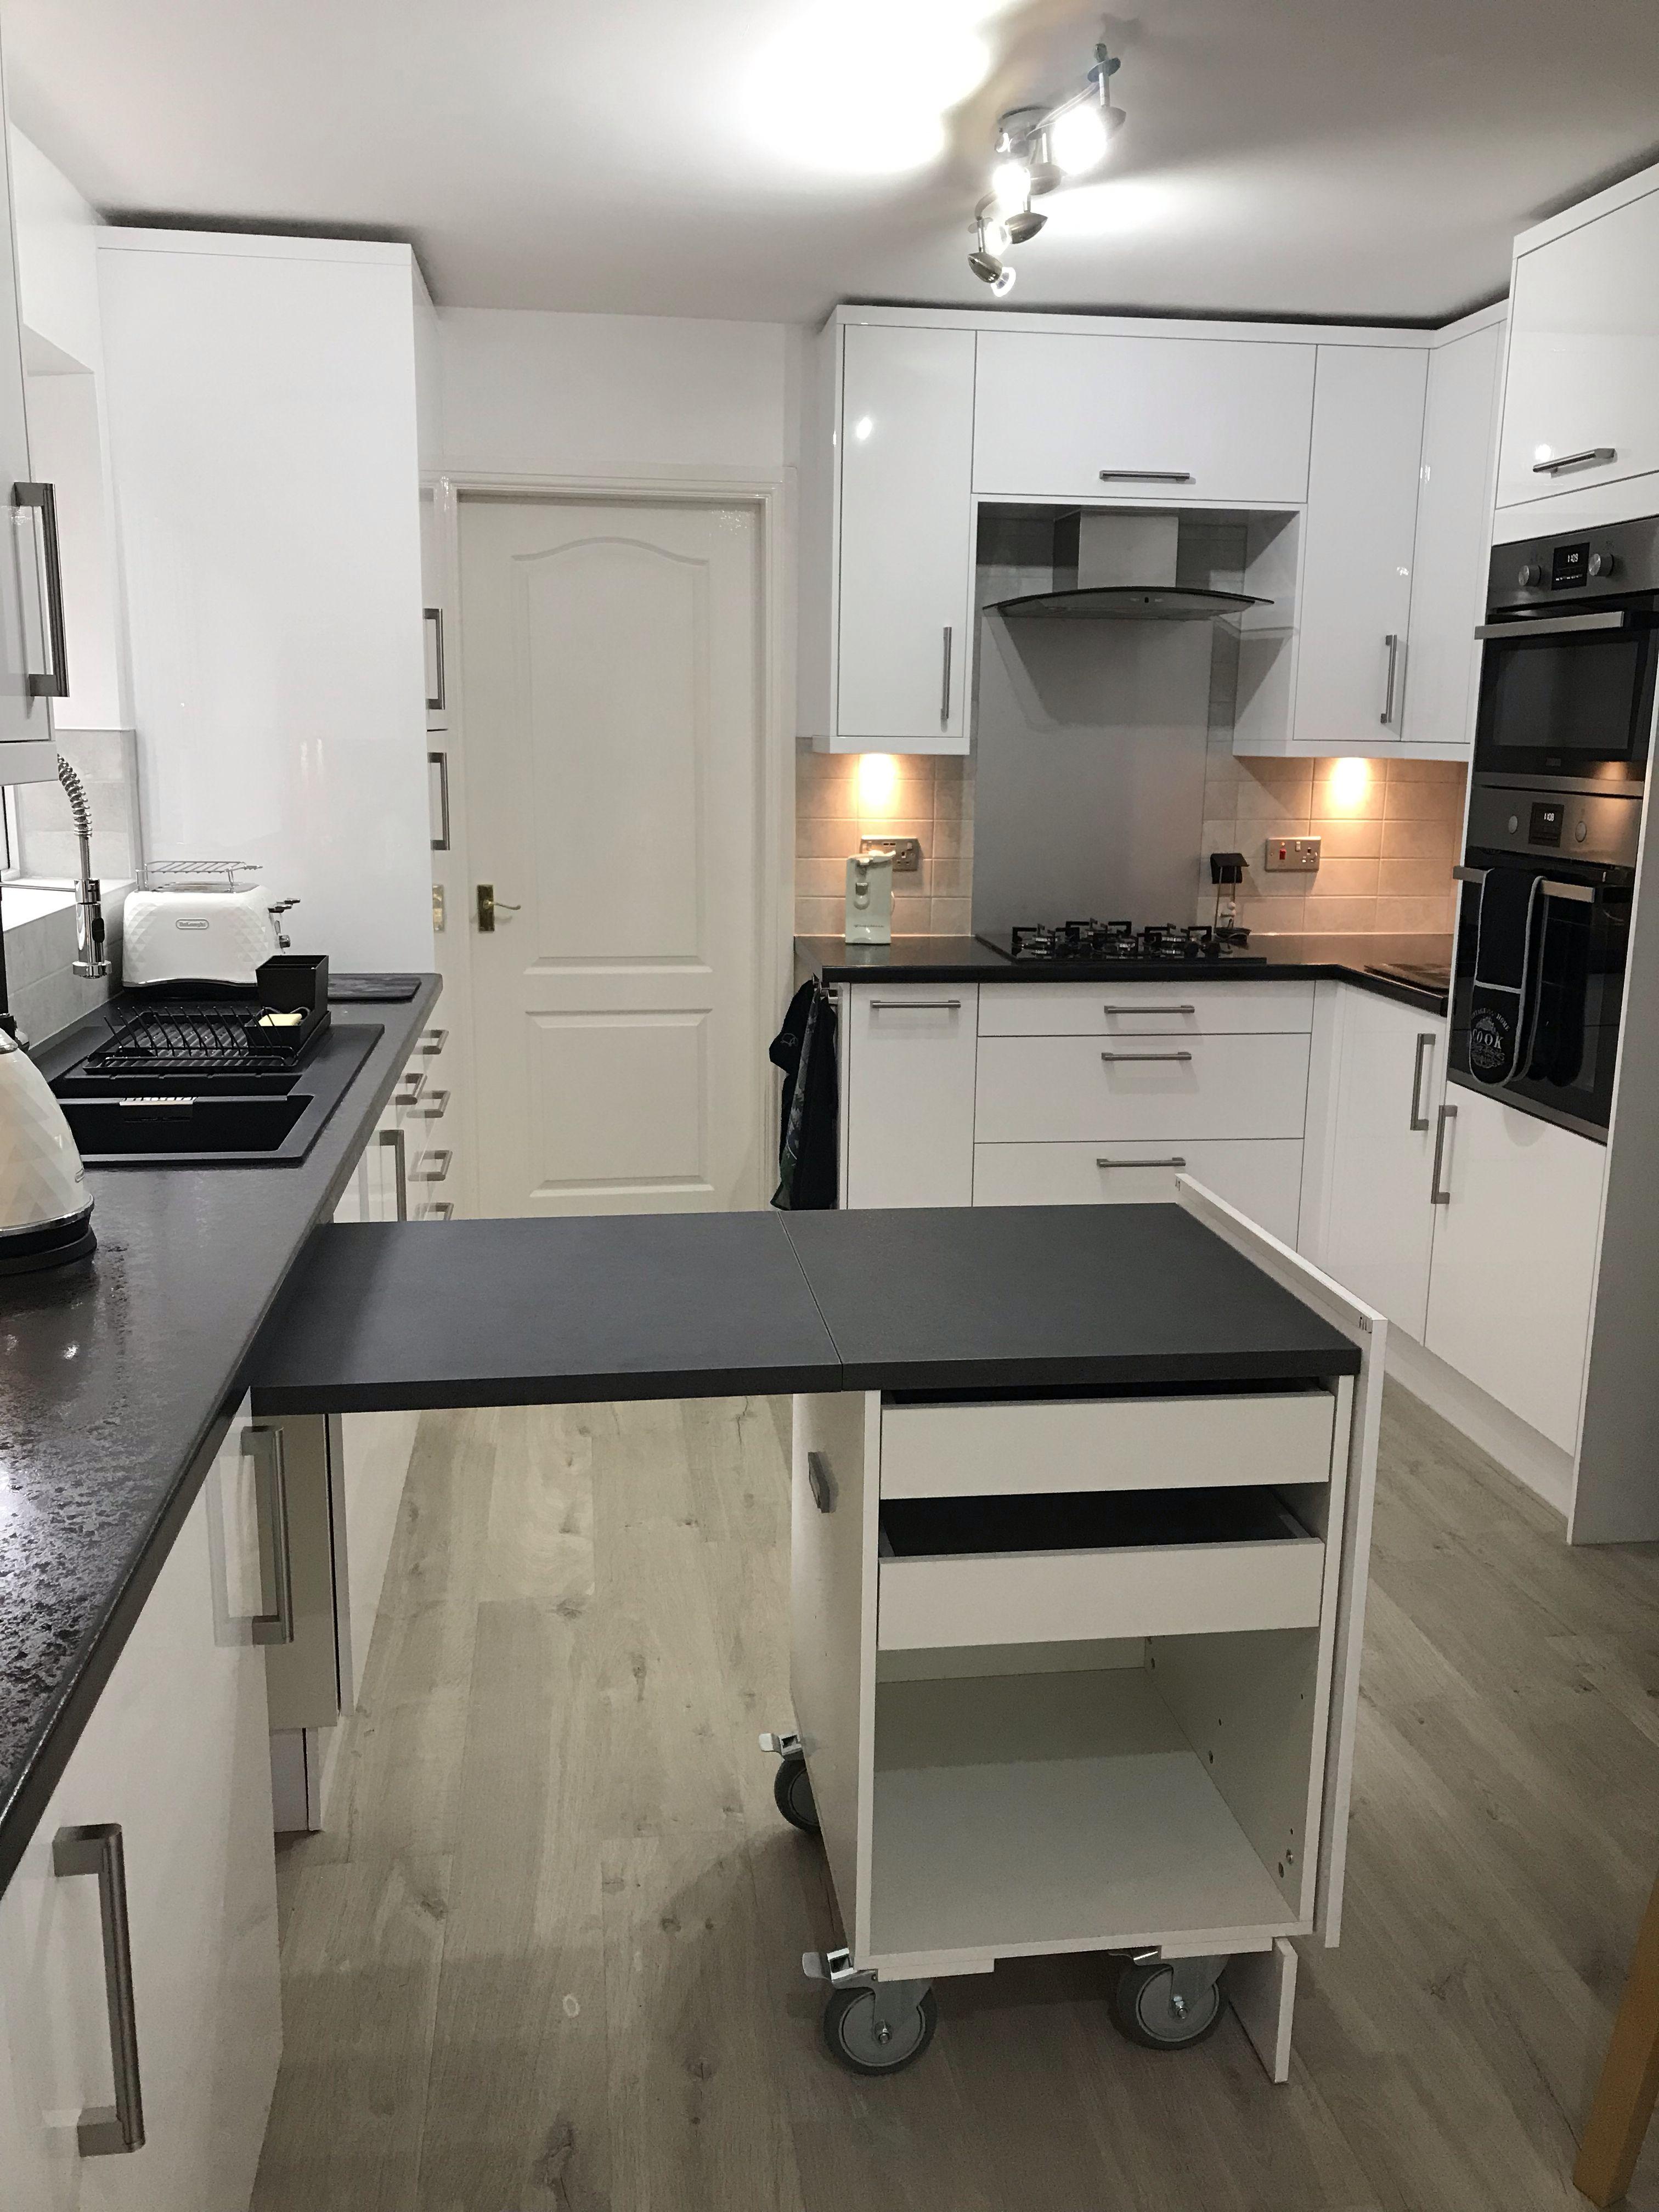 Nova White Gloss kitchen, with Luna laminate worktops that